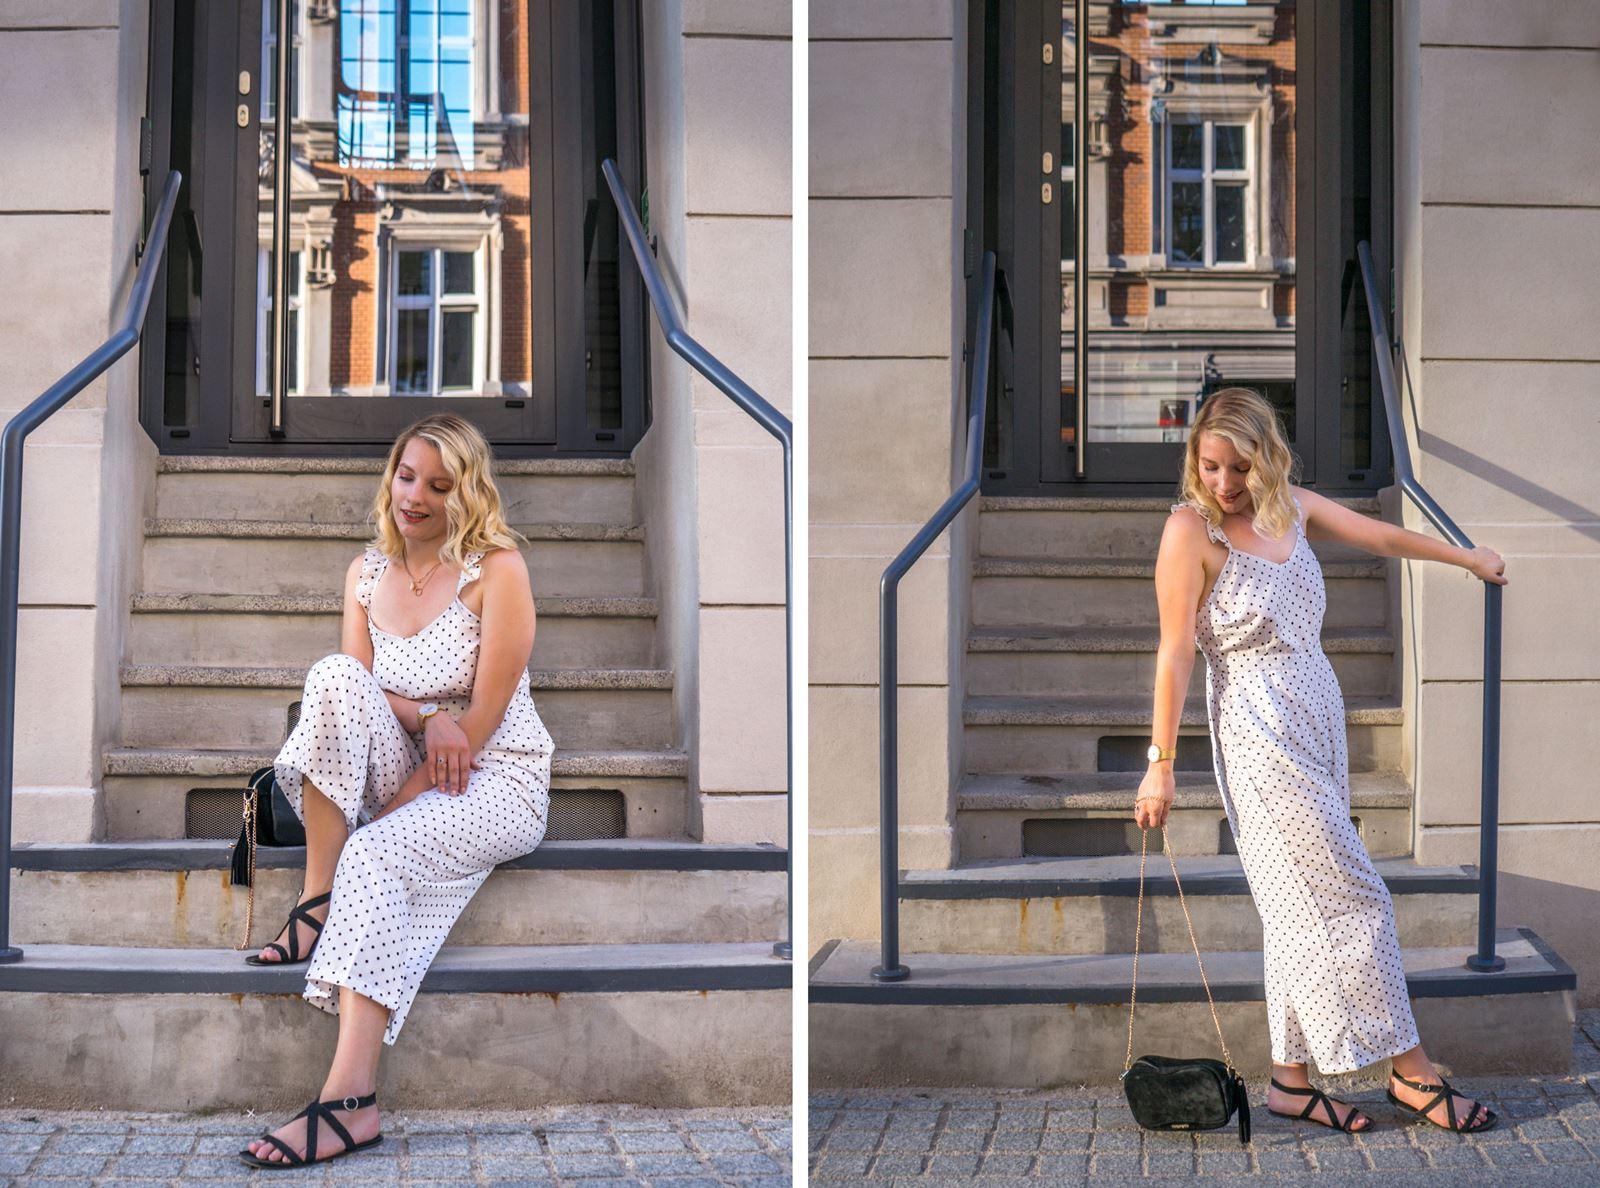 5 modny kombinezon sukienka w groszki jak nosić w grochy sukienki idealne ubranie na wesele w co ubrać się na wesele w lato na poprawiny na-kd opinie modne stylizacje na lato sukienki dla blondynki